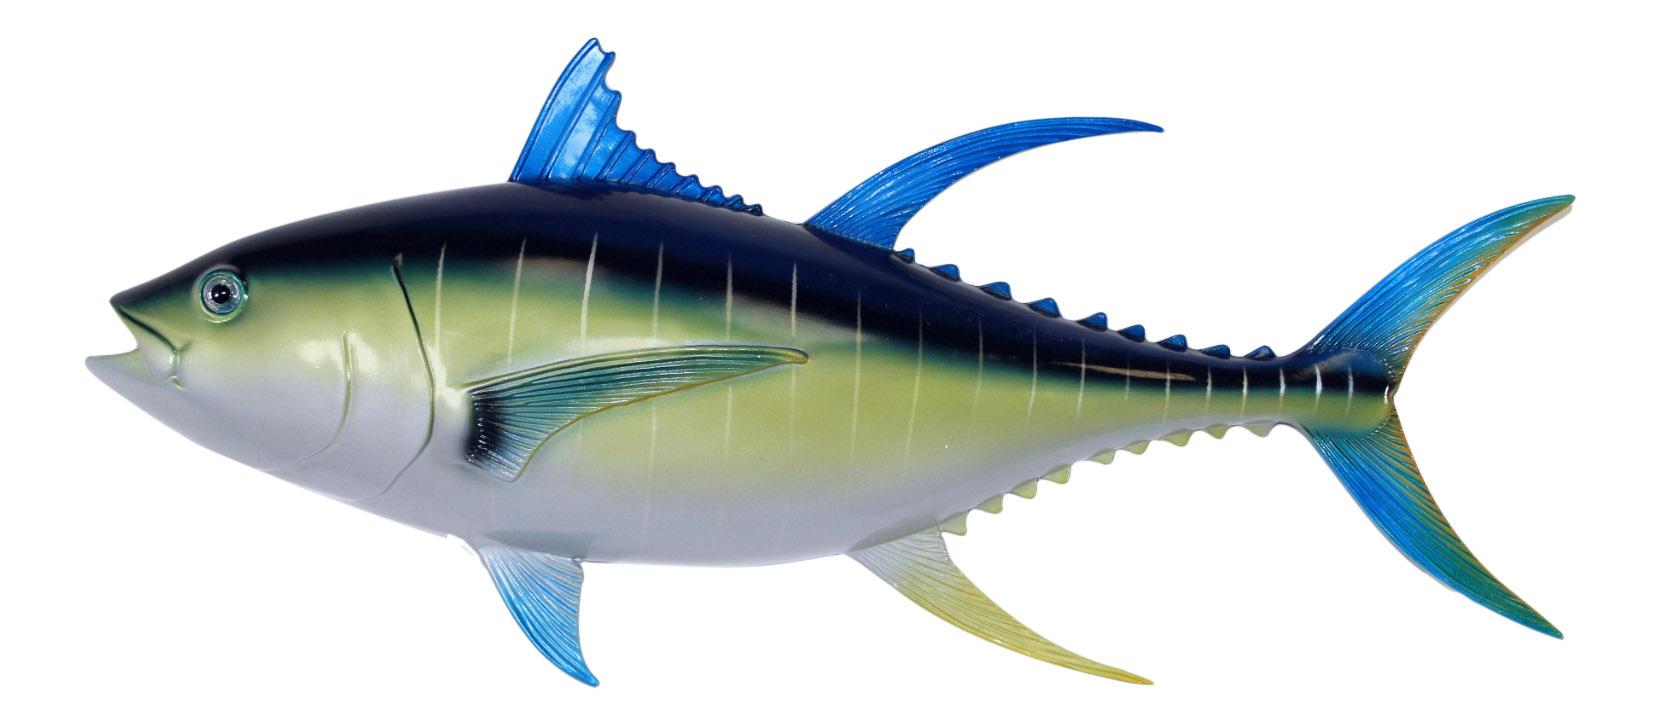 Sport fishing replica blue fin tuna 28 inch wall decor for Blue fin fish